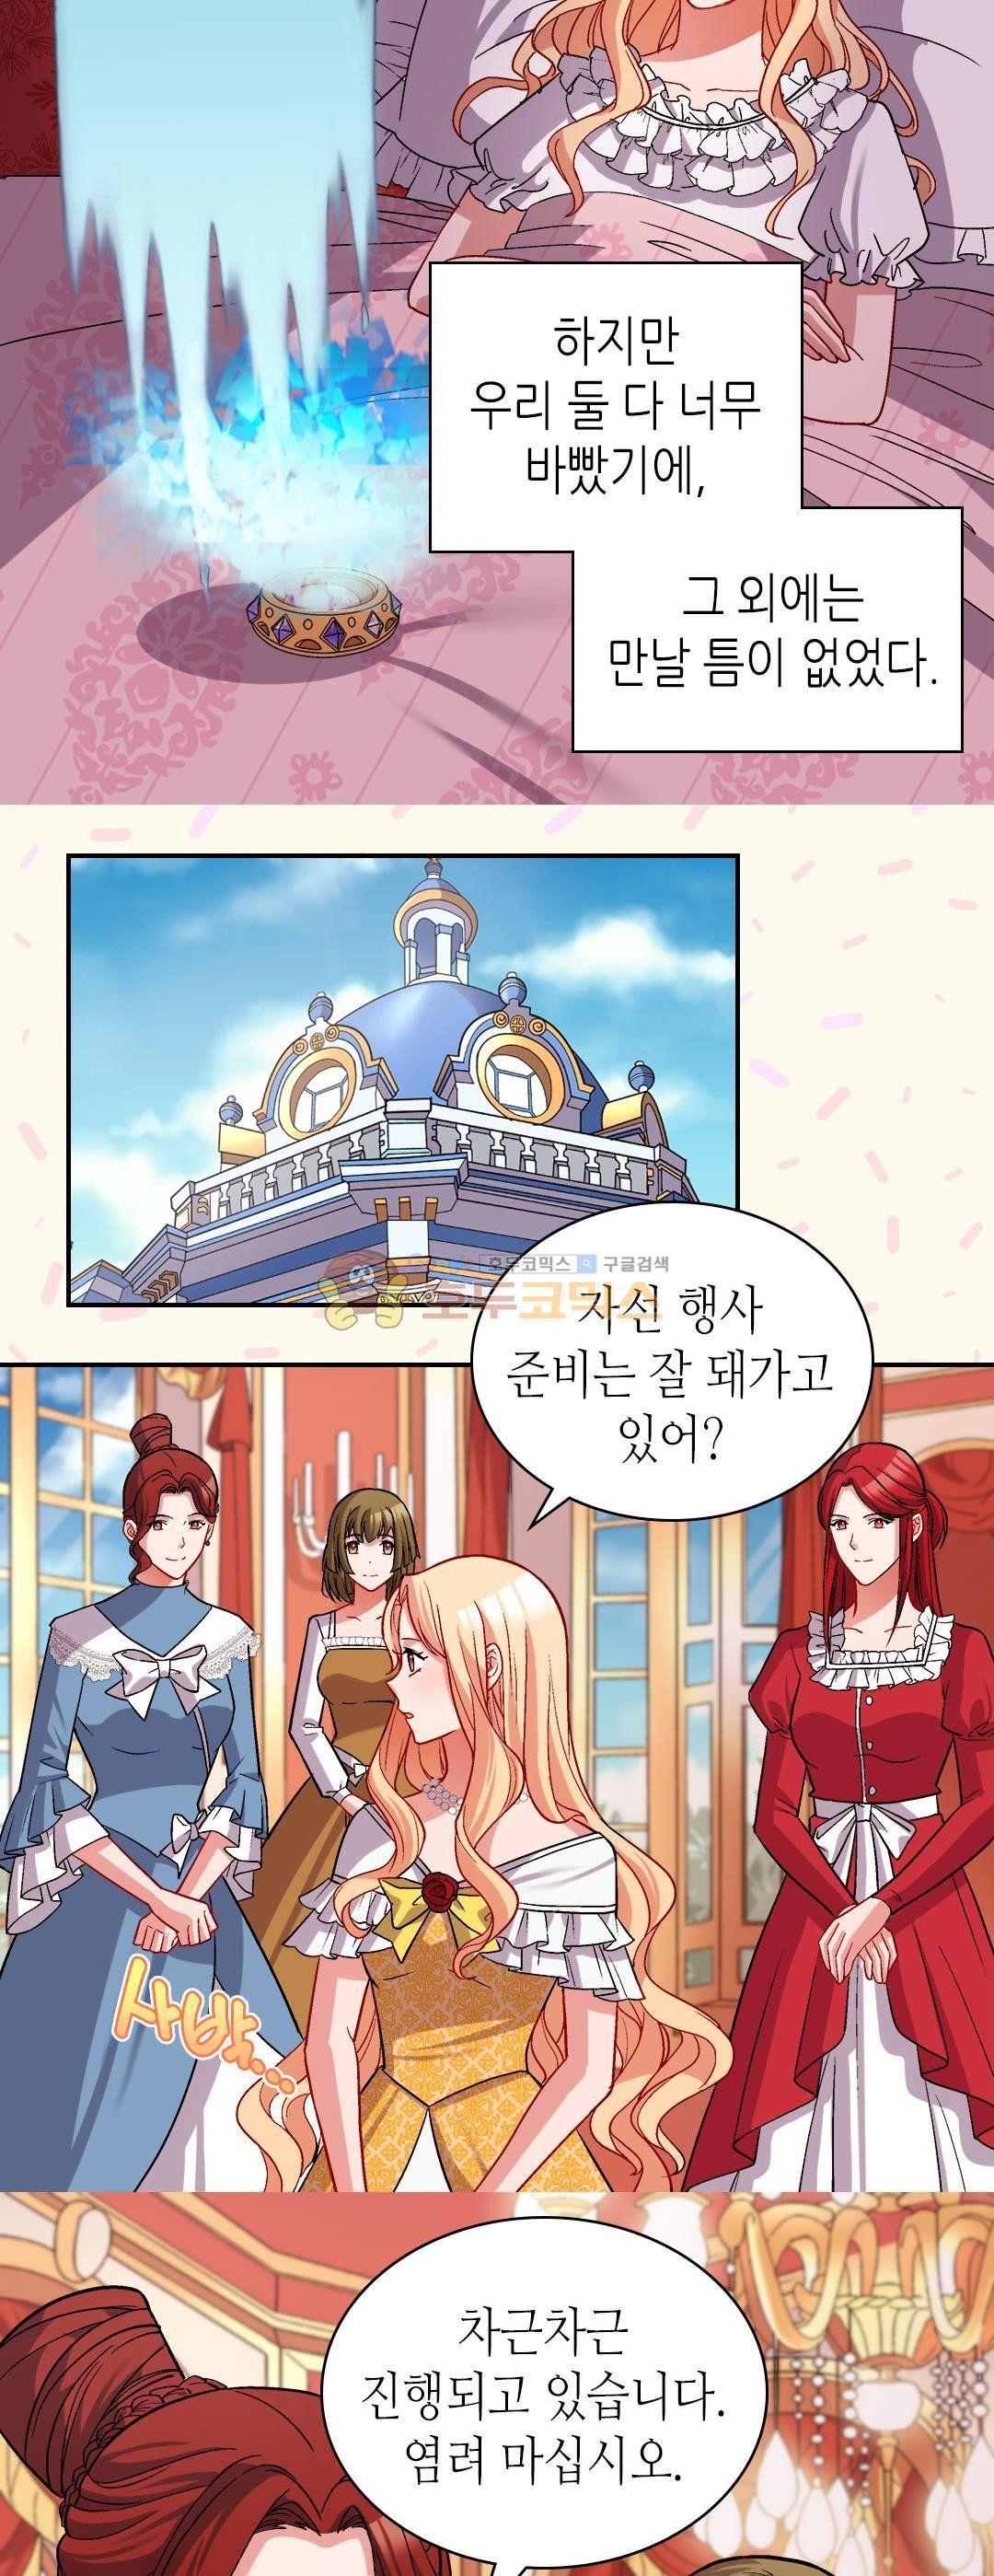 악녀의 정의 74화 웹툰 이미지 19 漫画, 悪女